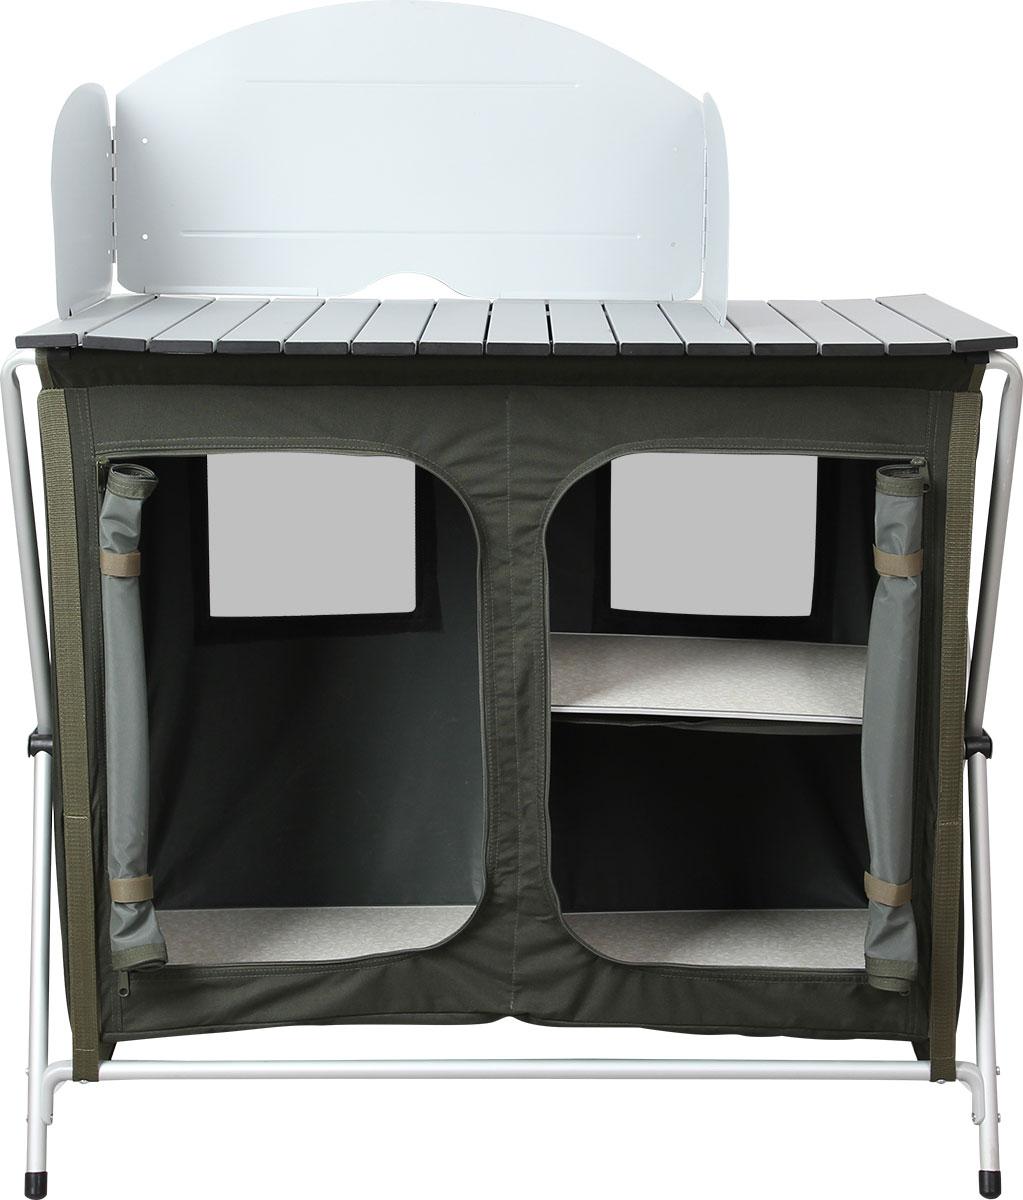 Стол кухонный складной Сплав TR - 94